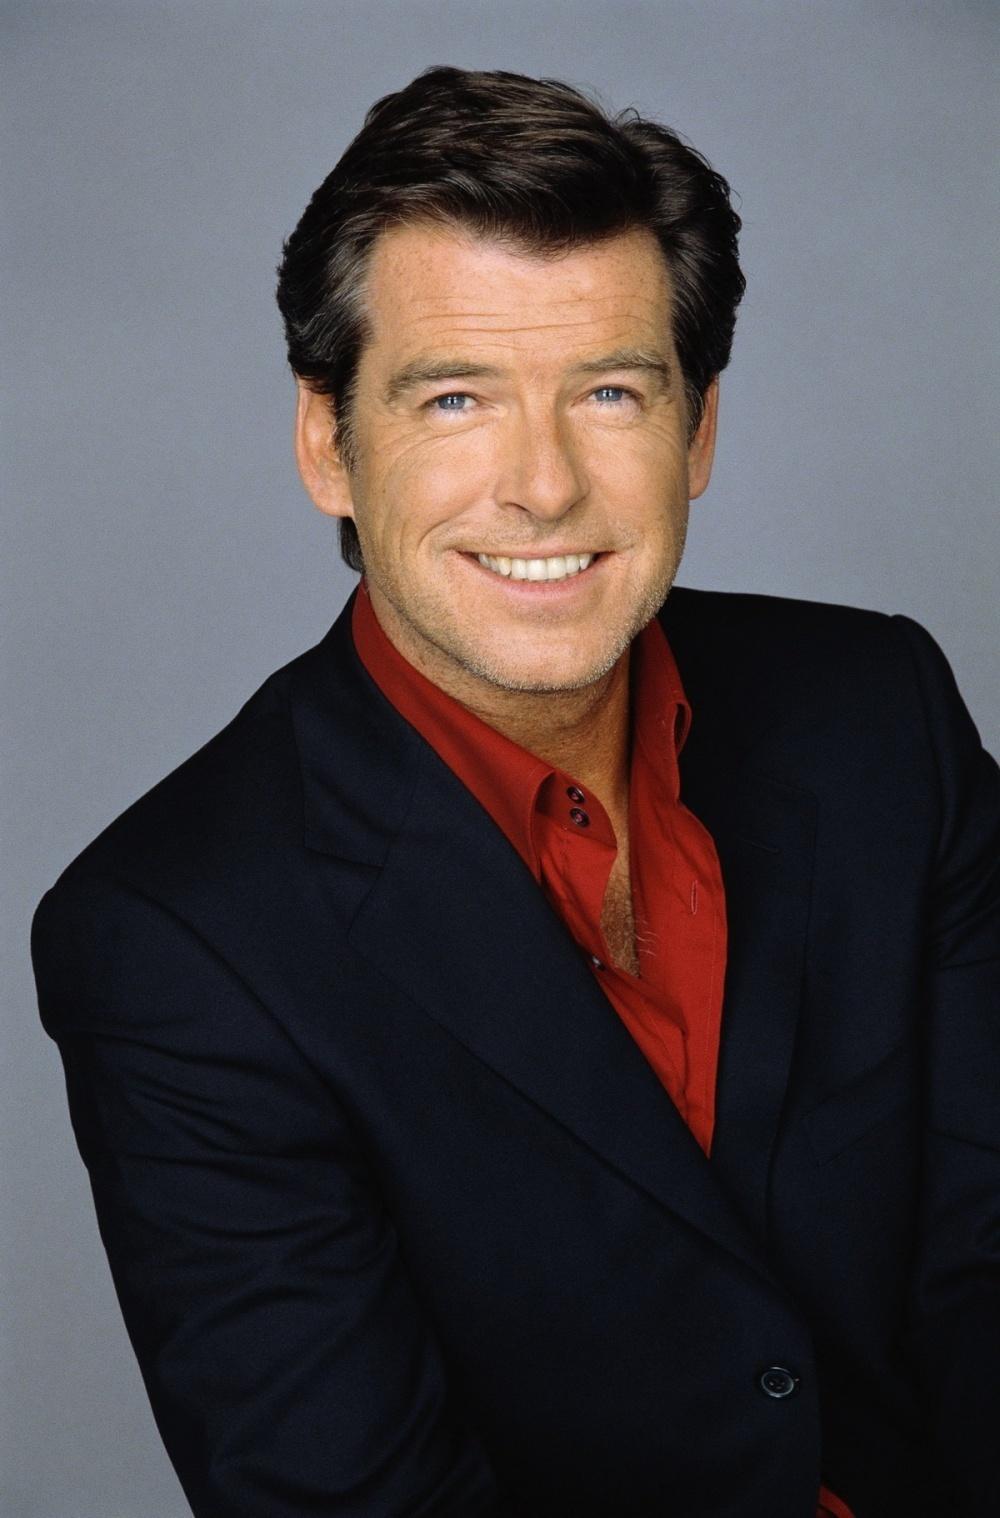 Pierce-Brosnan-pierce-brosnan-9651365-1000-1518 12 of The Most Attractive Actors Over 60